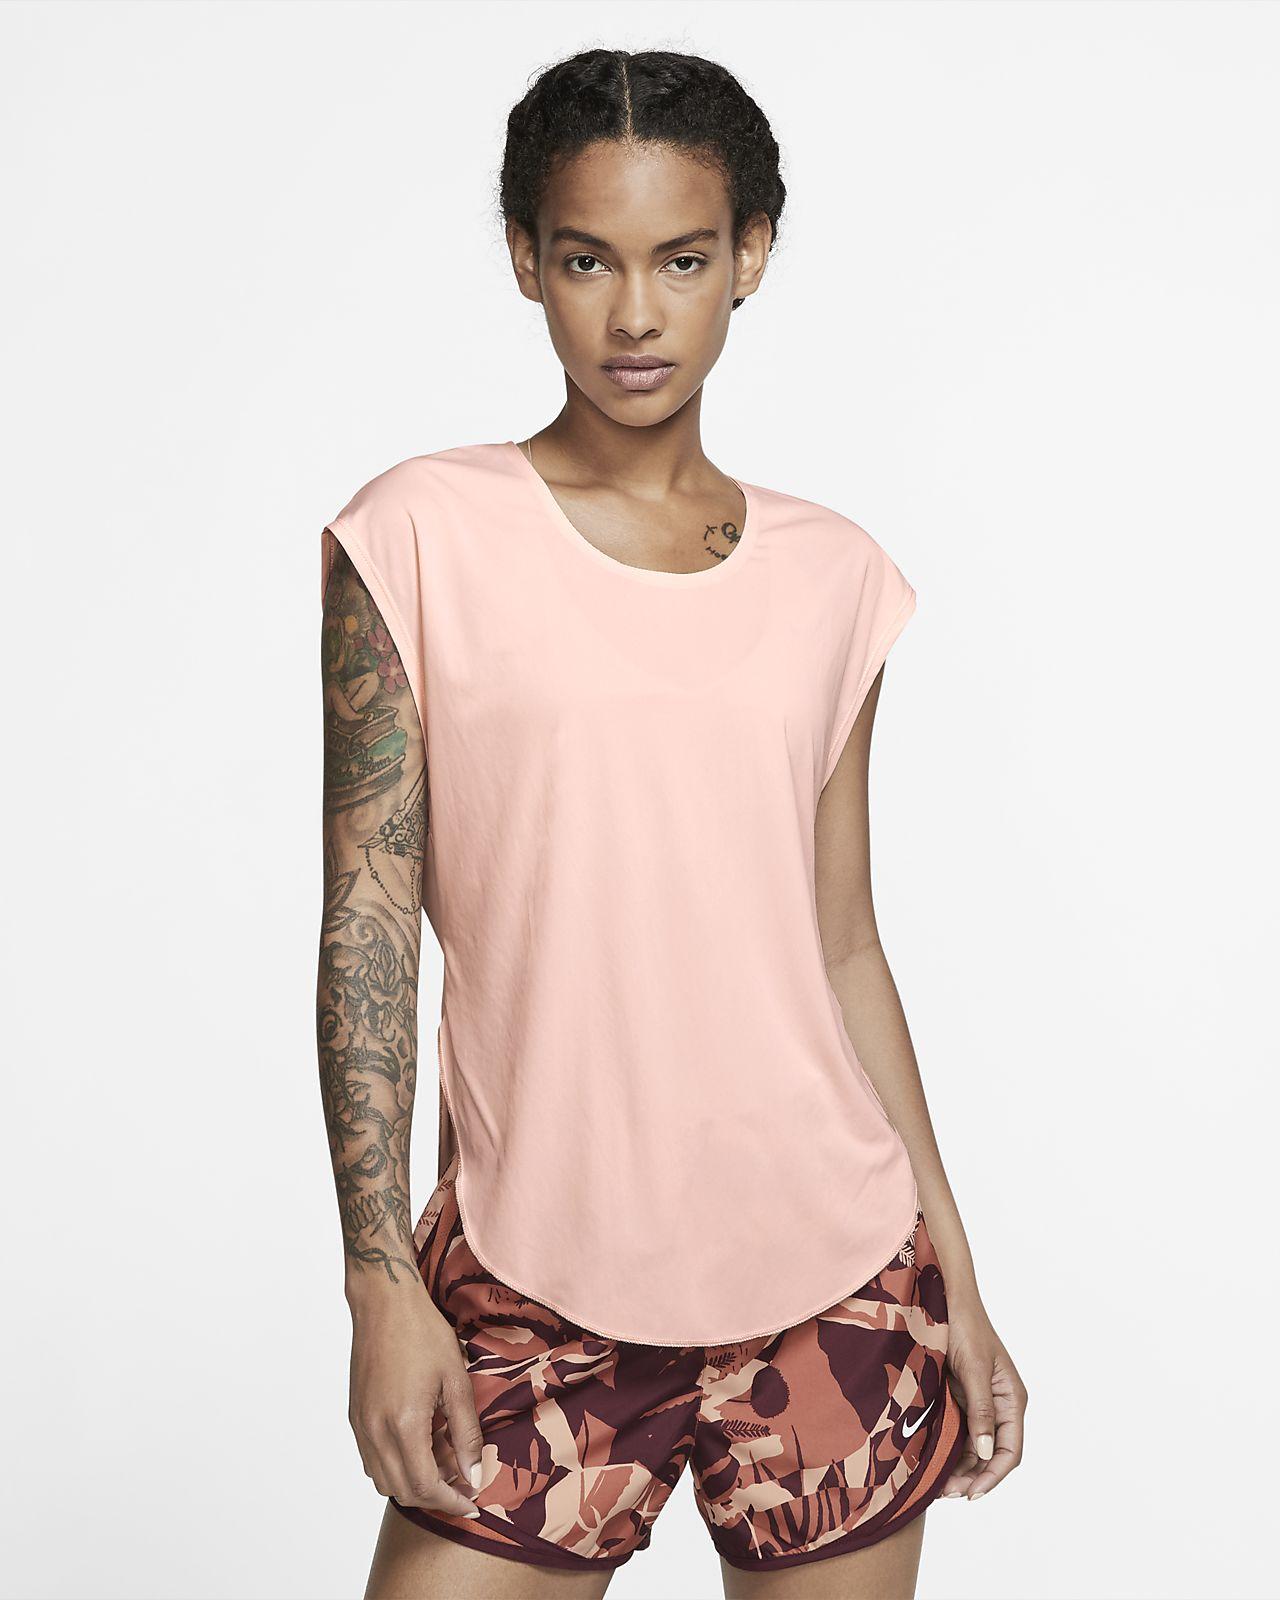 Γυναικεία μπλούζα για τρέξιμο Nike City Sleek